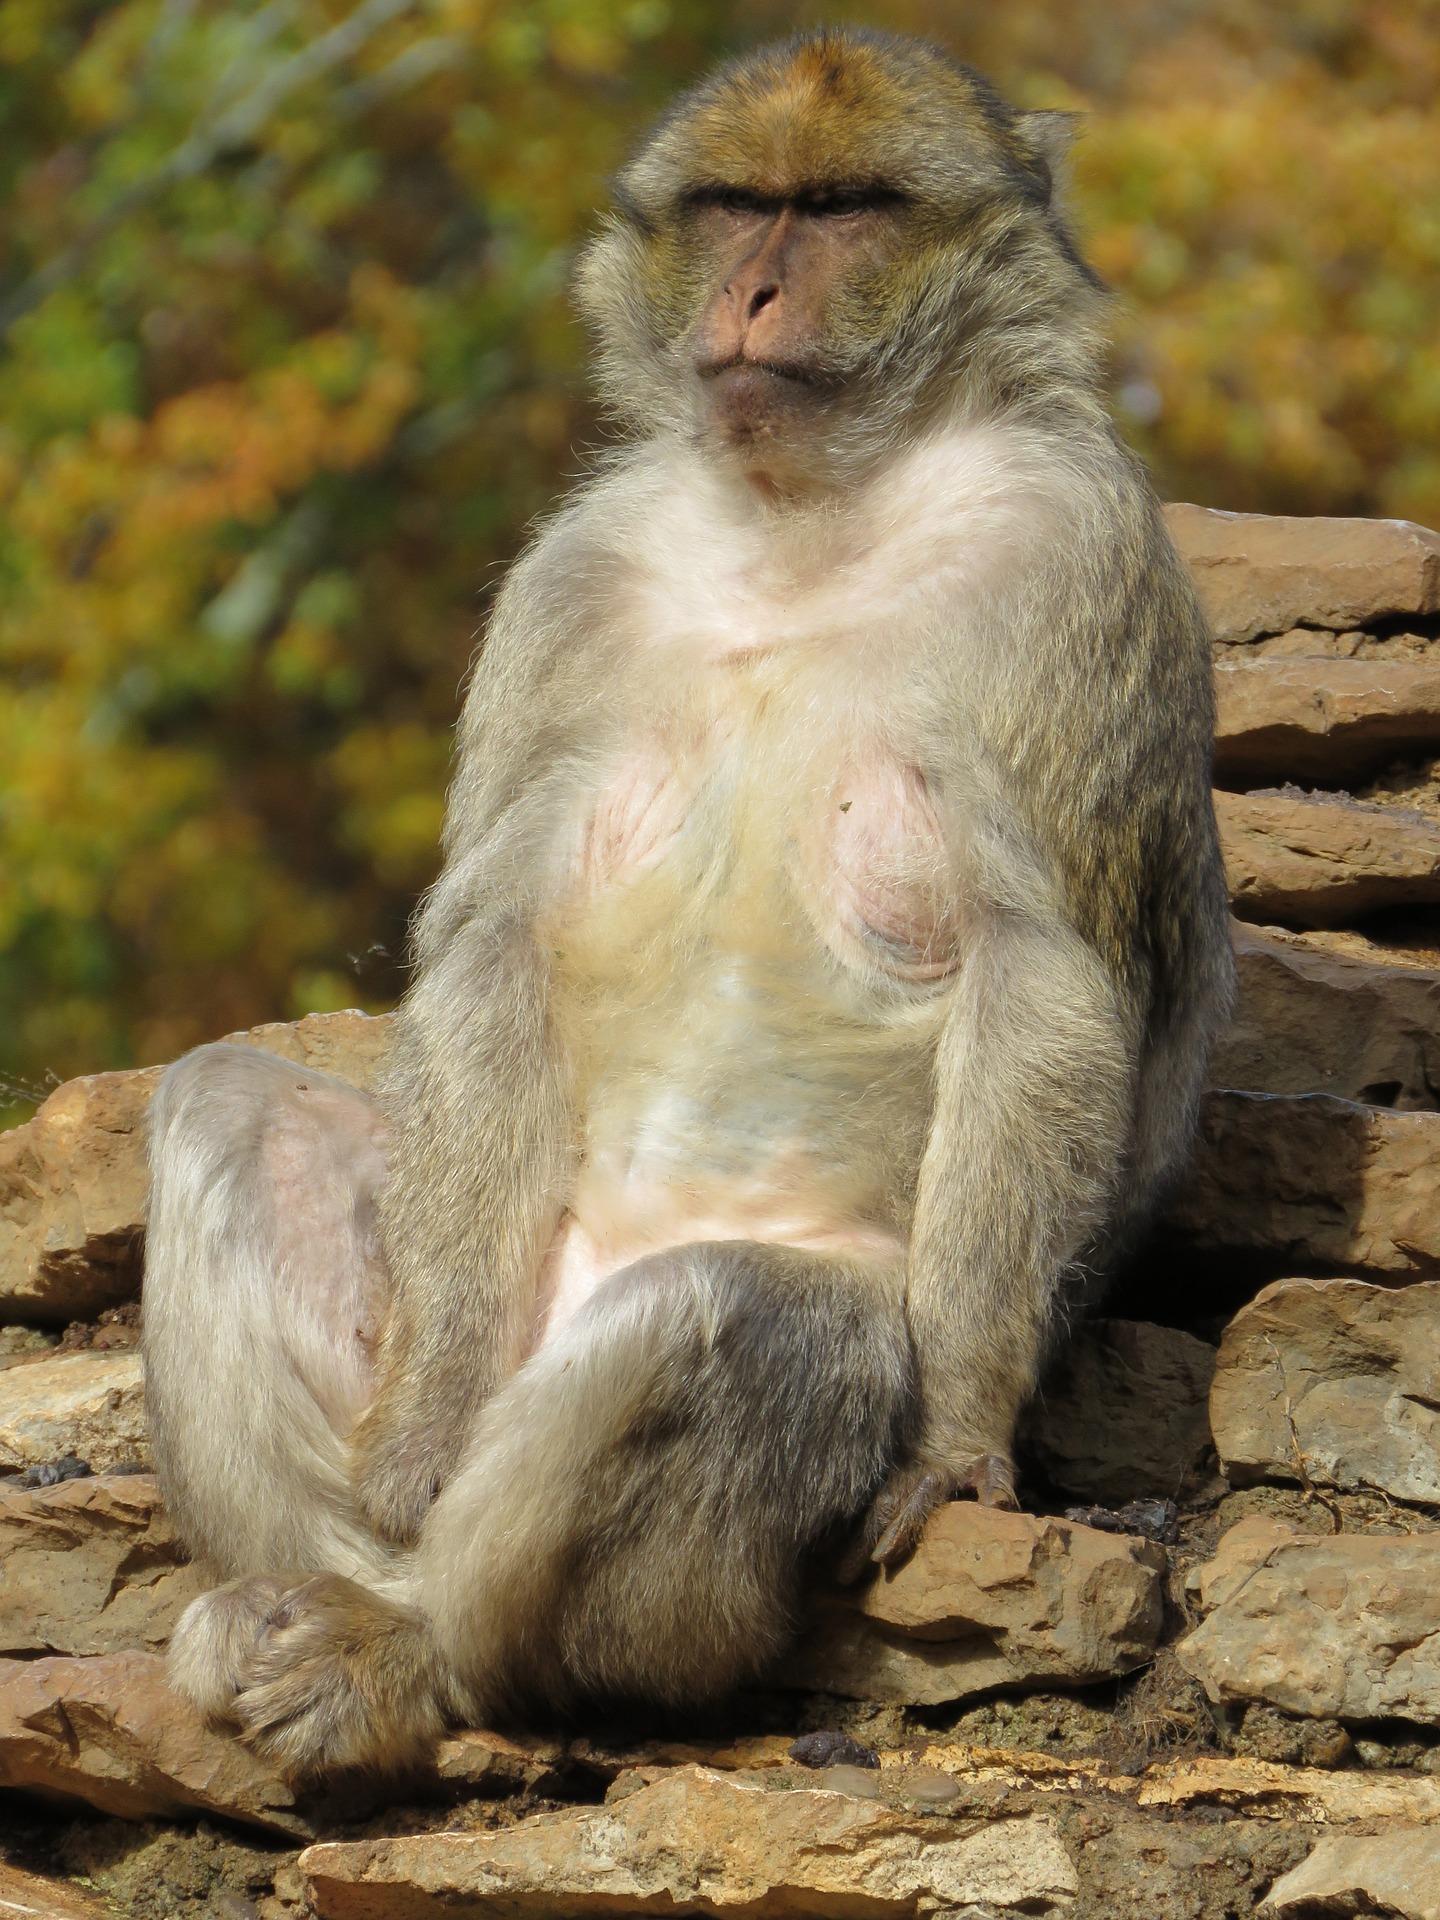 macaque-1175251_1920.jpg